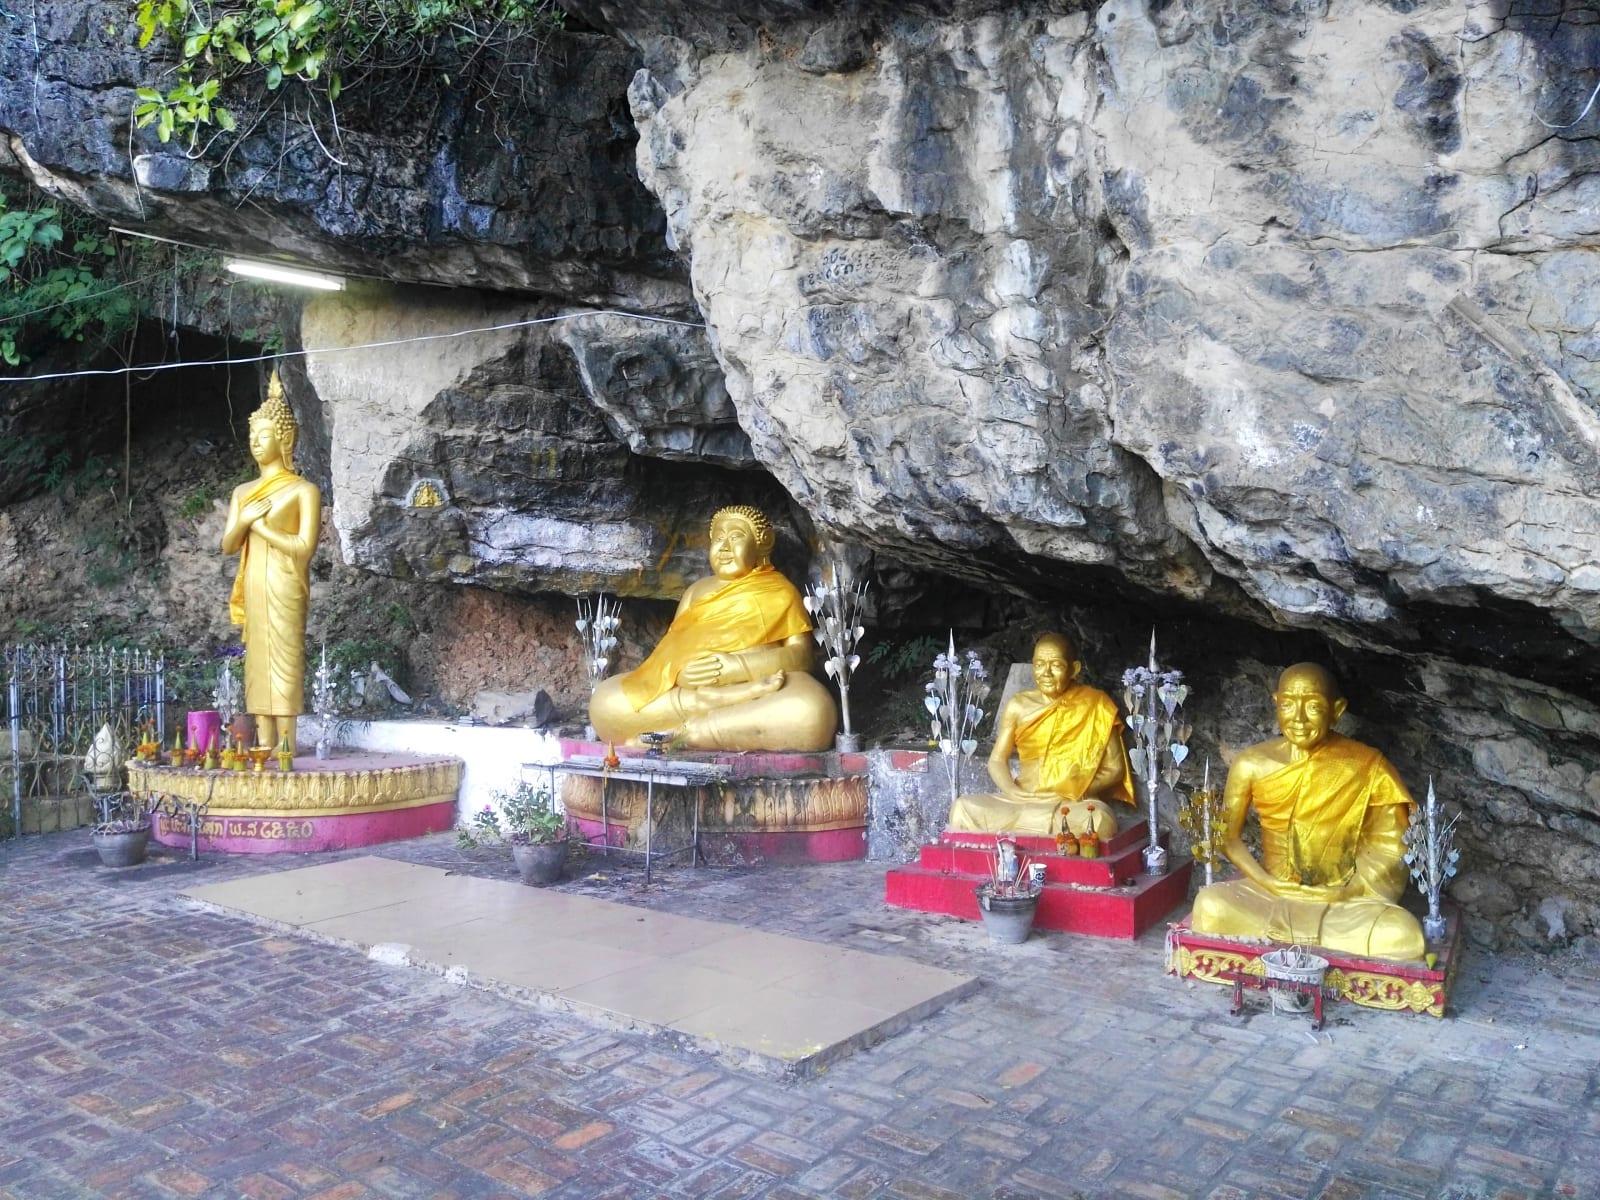 Sochy po cestě na Mount Phousi, Luang Prabang, Laos